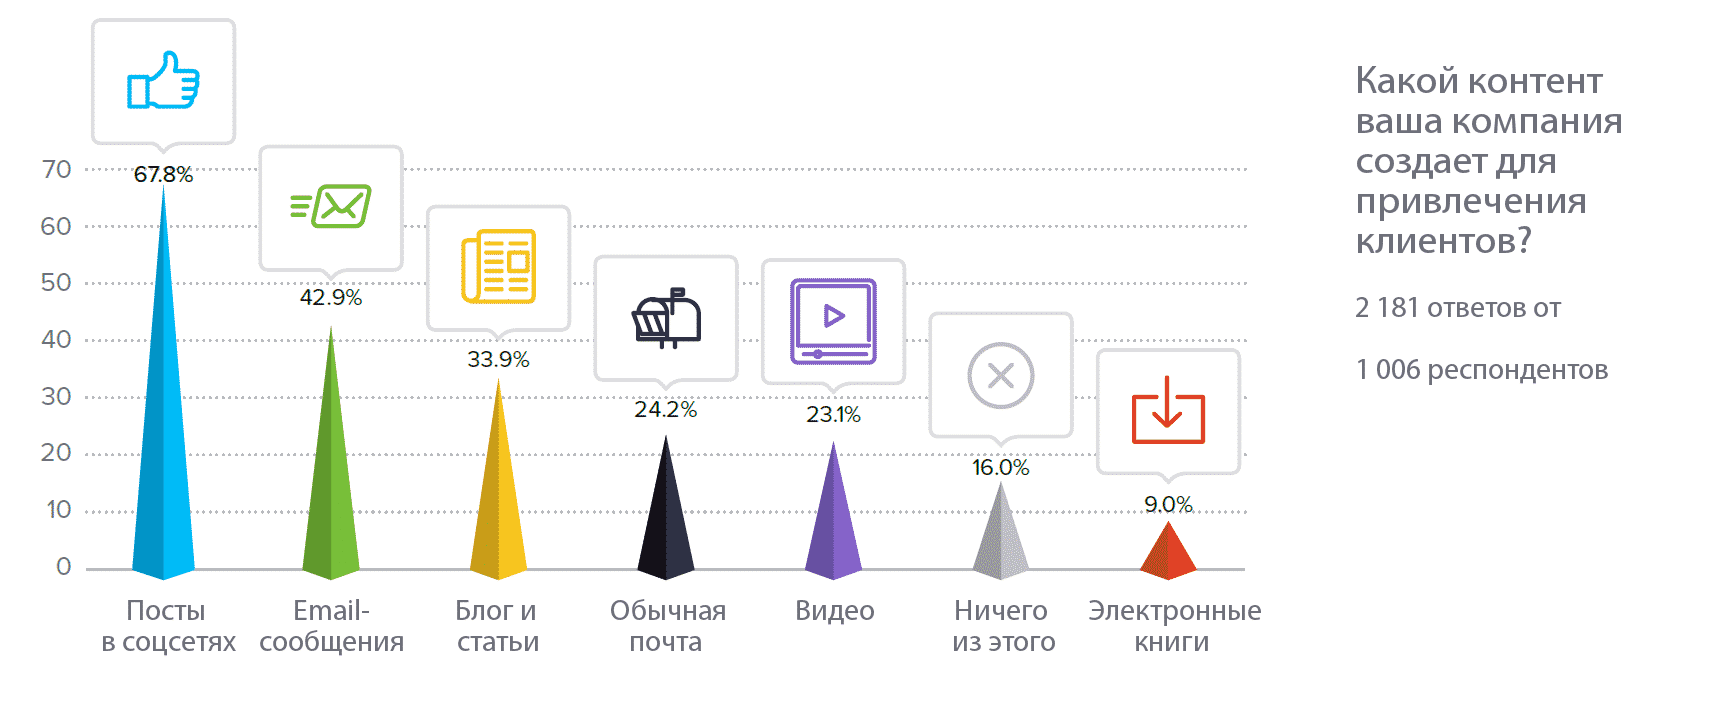 ecommerce, email маркетинг, seo, smm, Тренды, аналитика, аудитория, бизнес, интернет-маркетинг, видео, исследование, контент, контент-маркетинг, продвижение, стратегия, соцсети, социальные сети, малый бизнес, маркетинговая статистика, тренды 2017